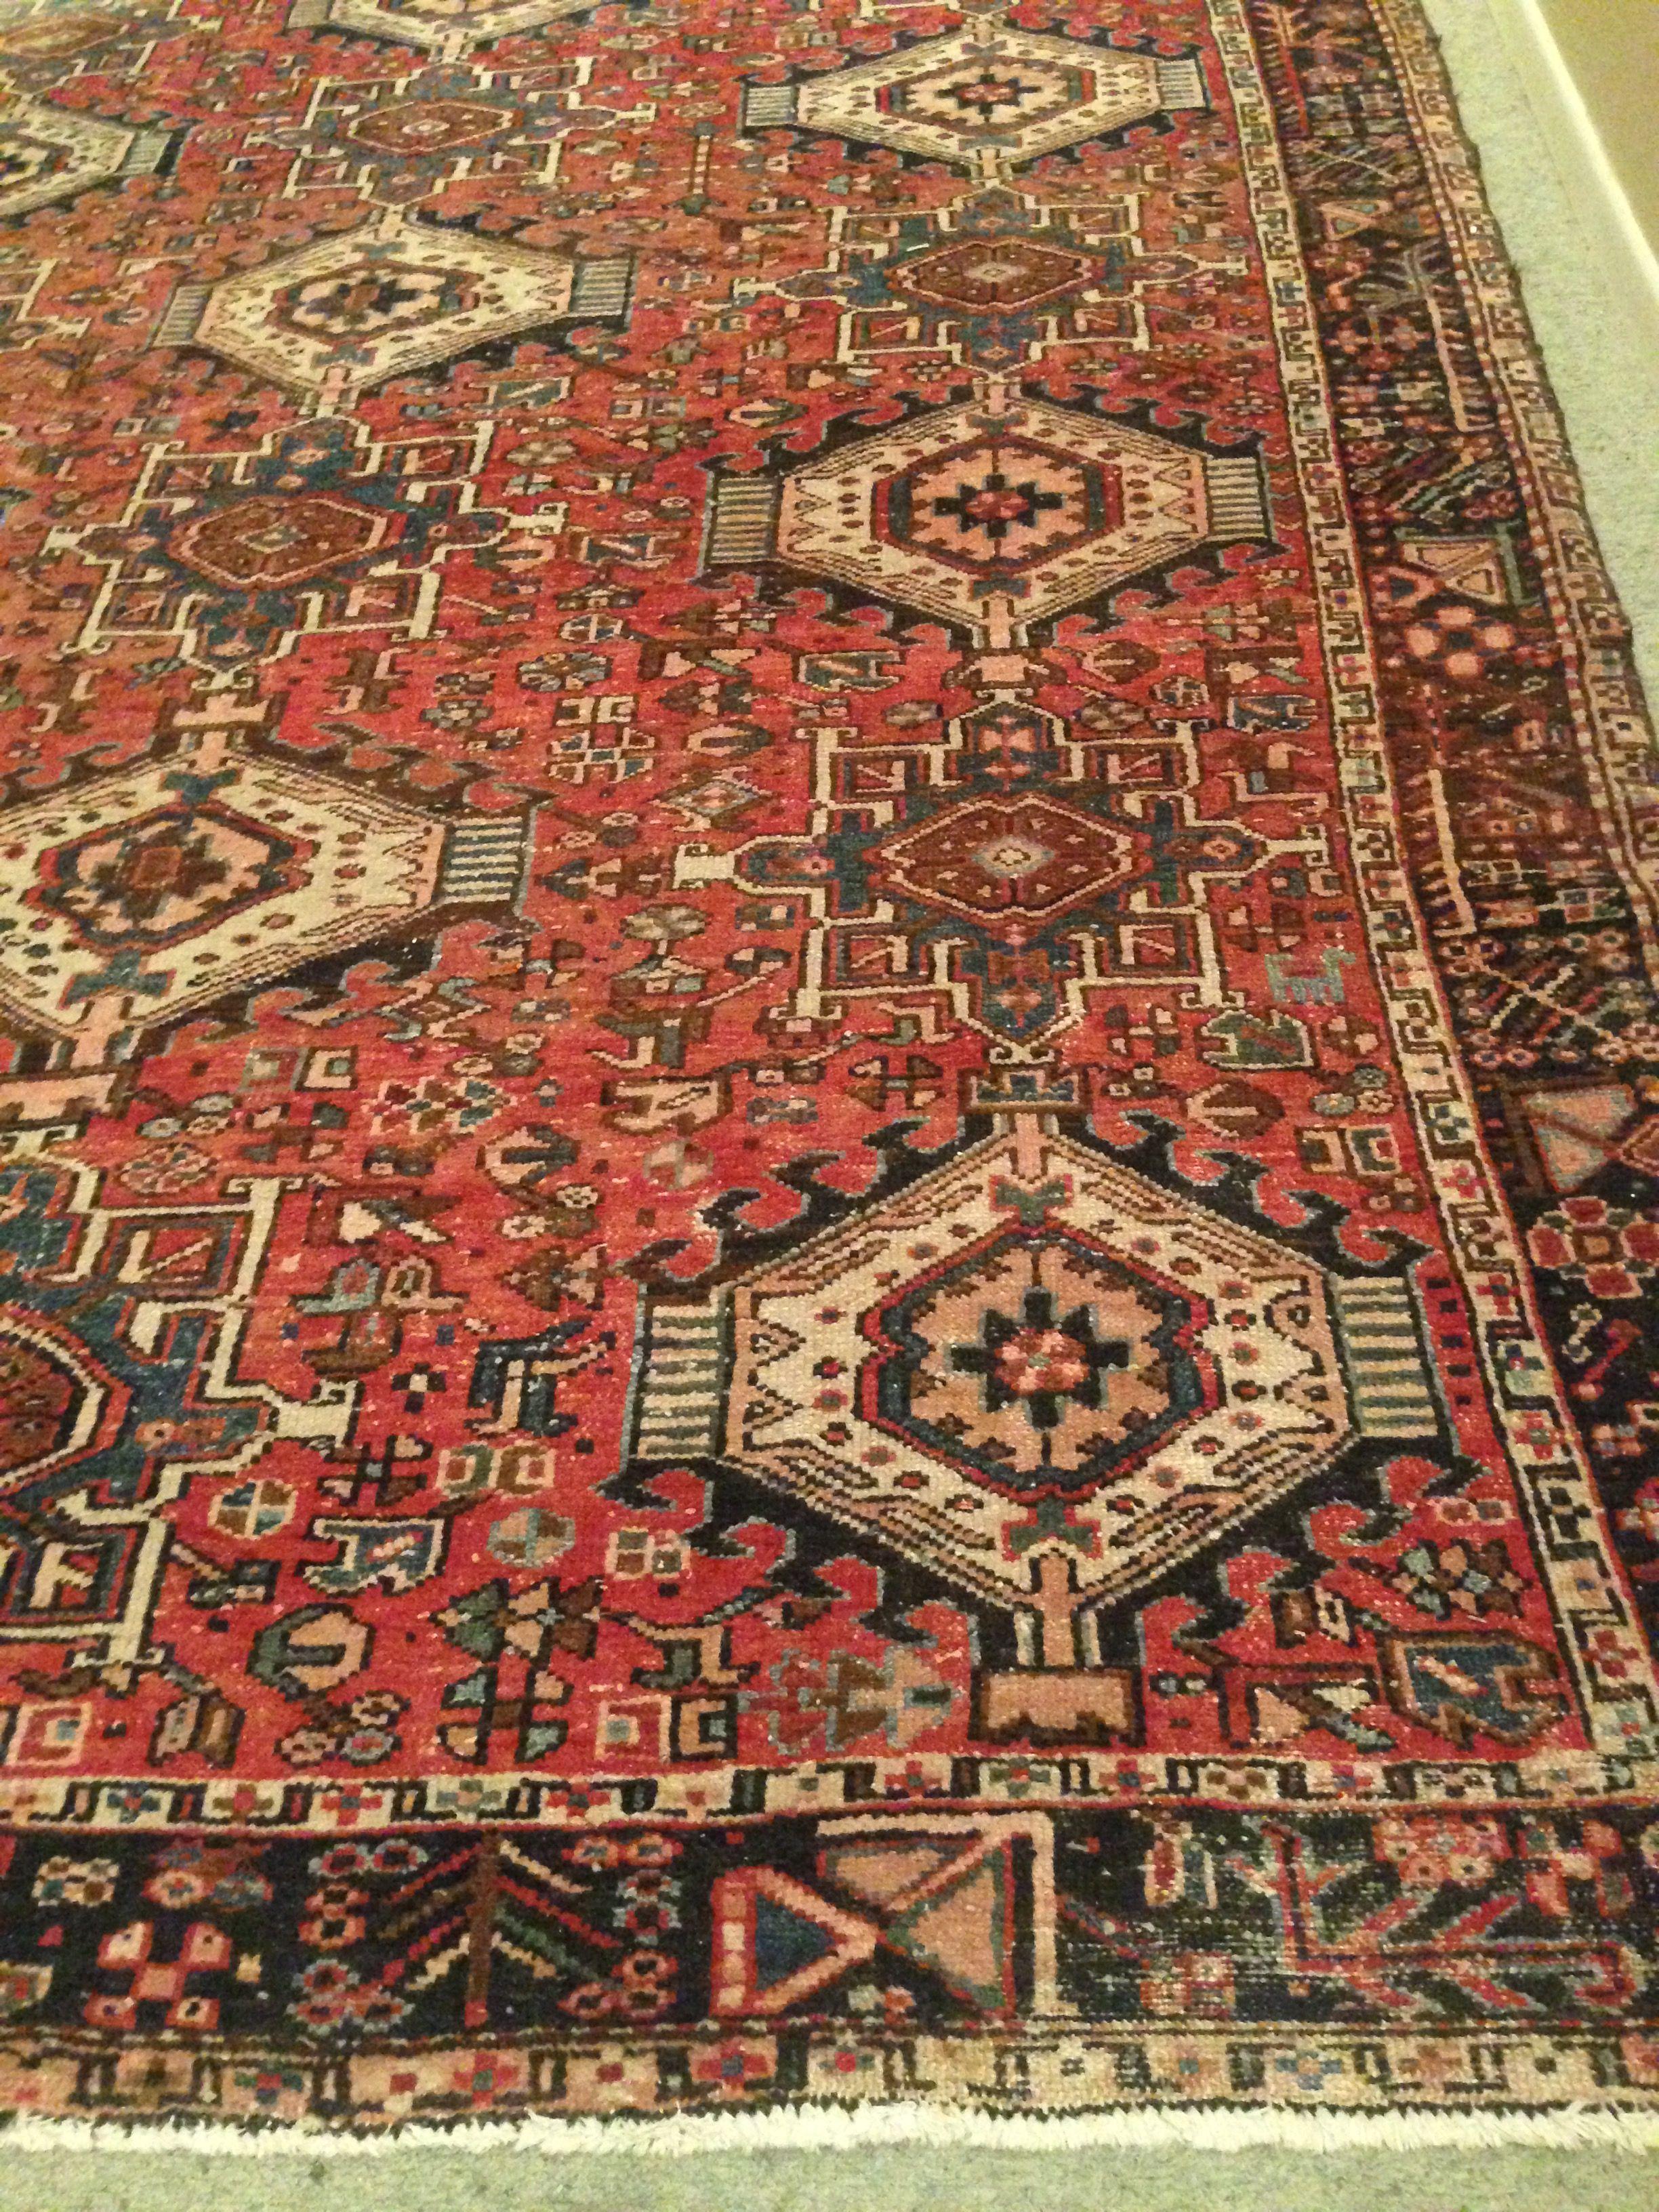 8a1aa8e4768df Antique Heriz Carpet Artes decorativas e ornamentais Artsand